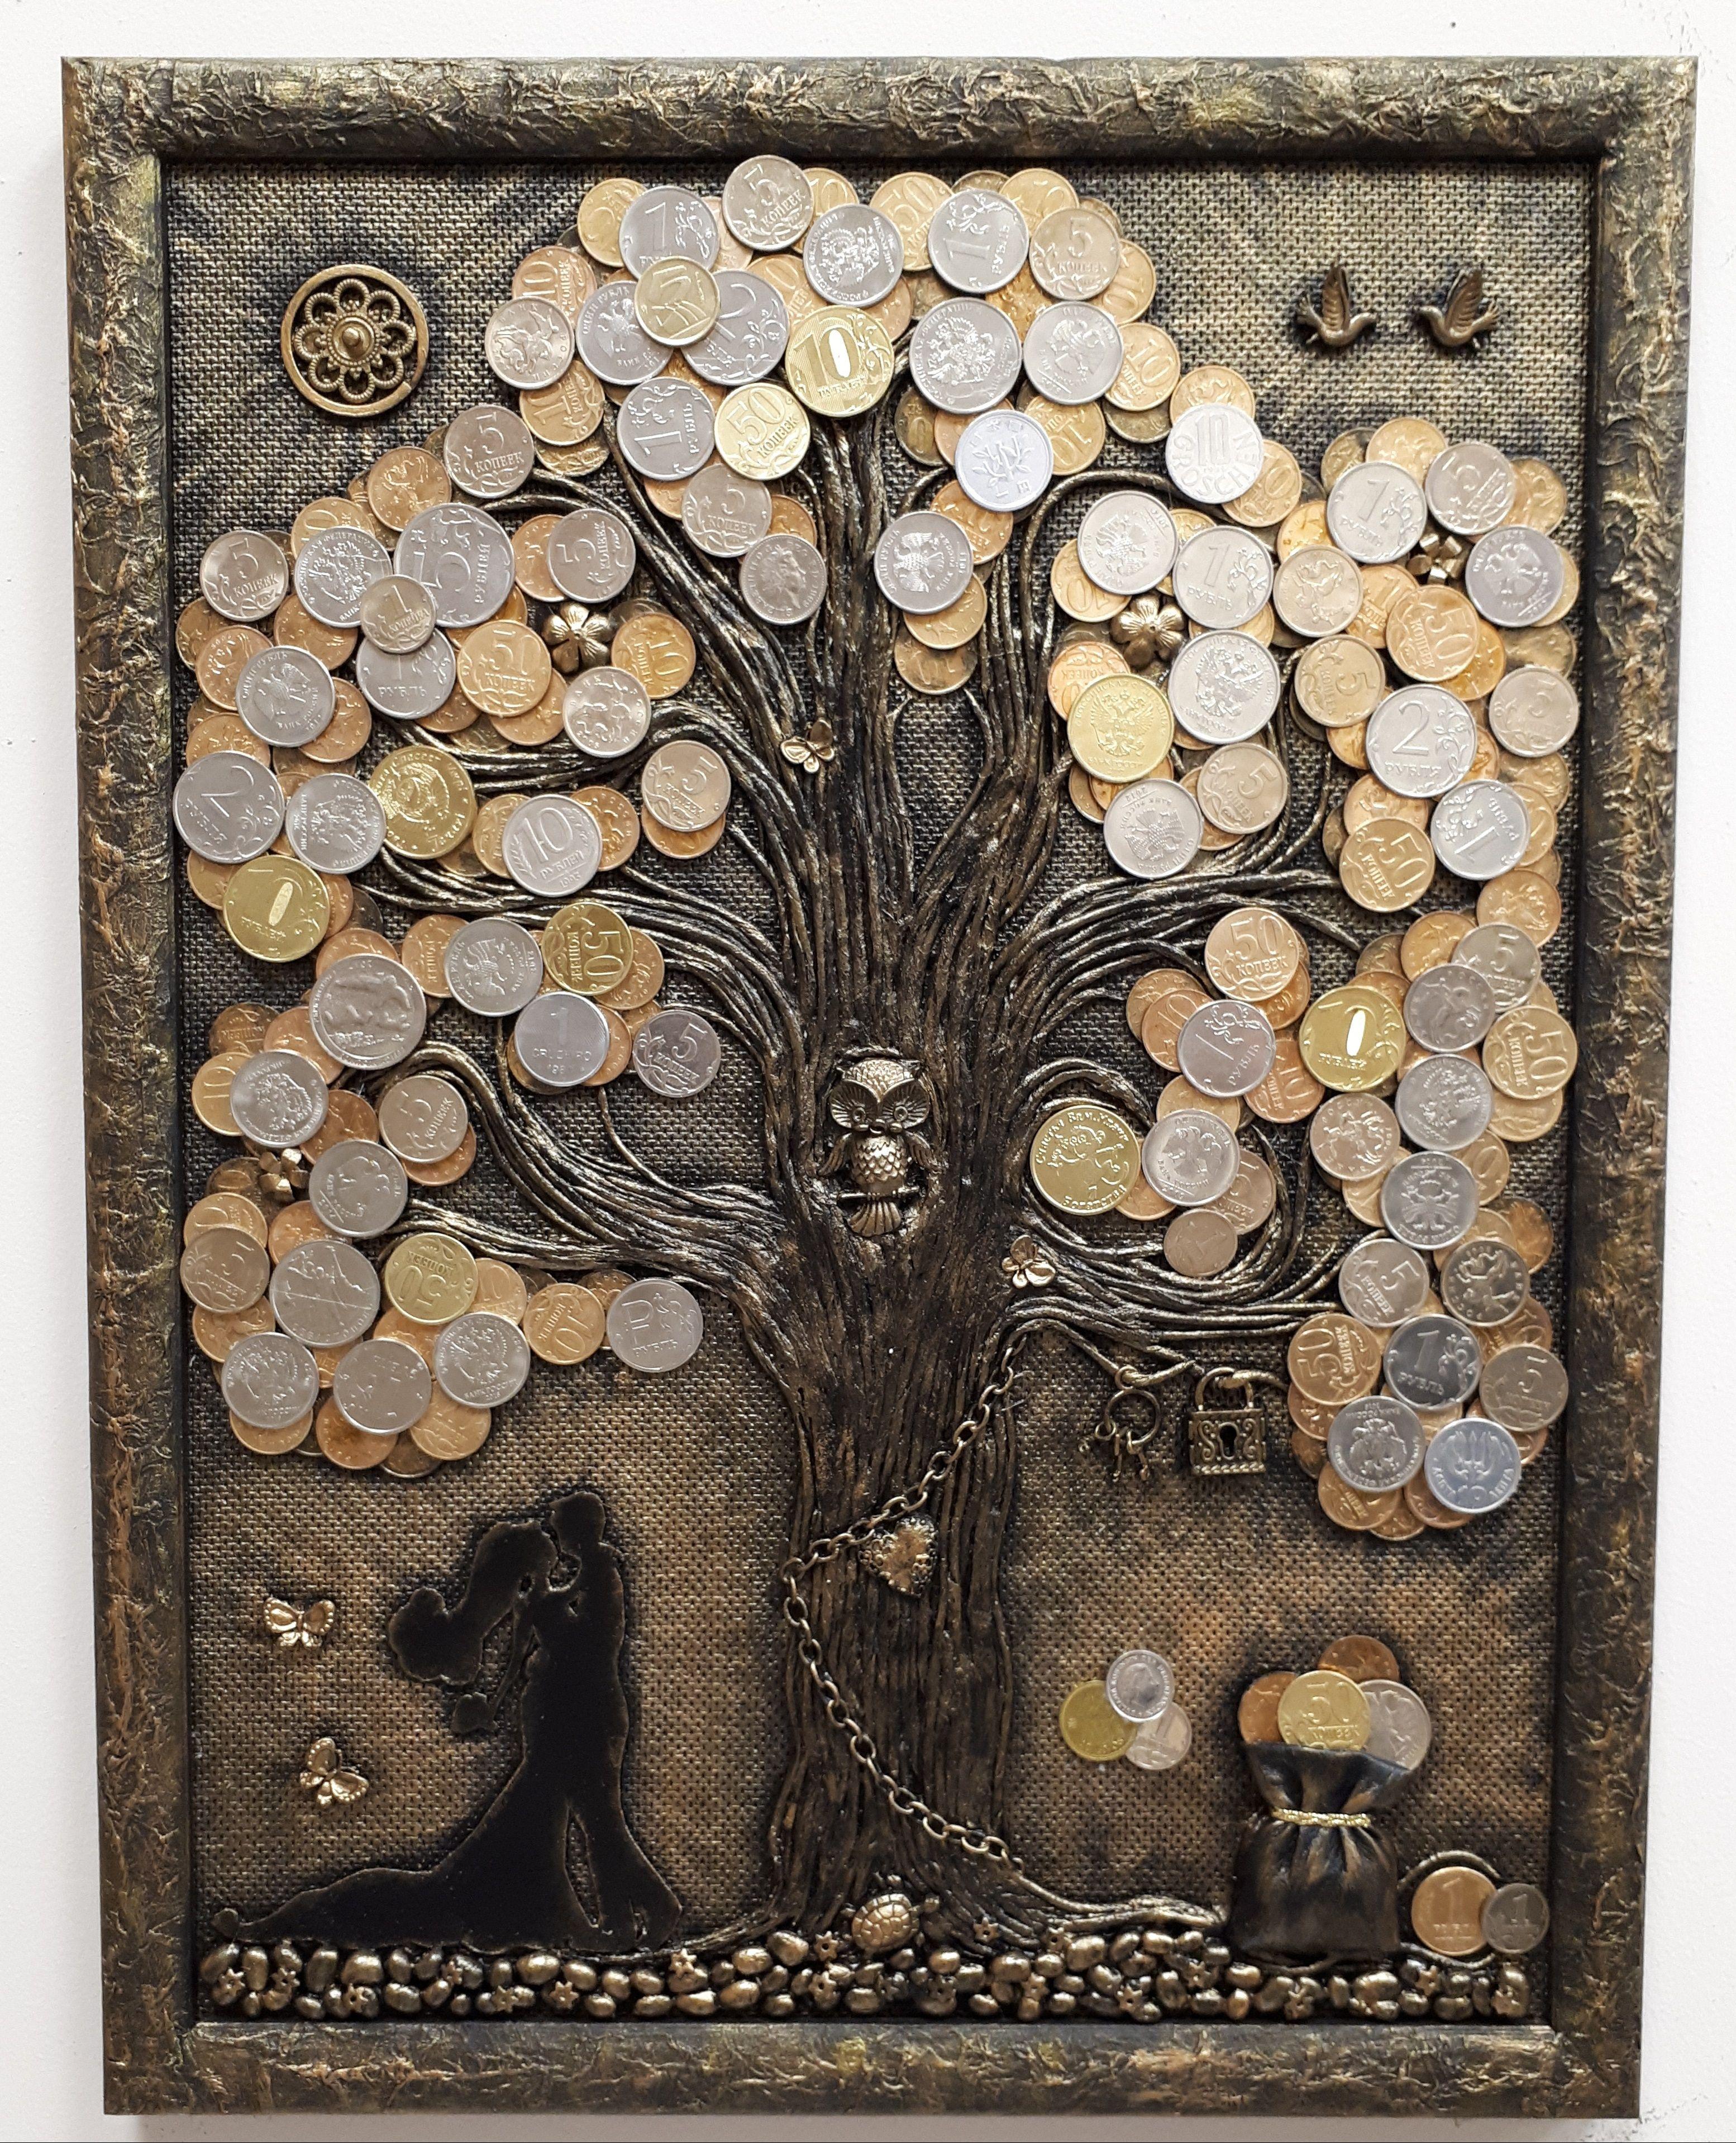 Денежное дерево из монет поможет разбогатеть